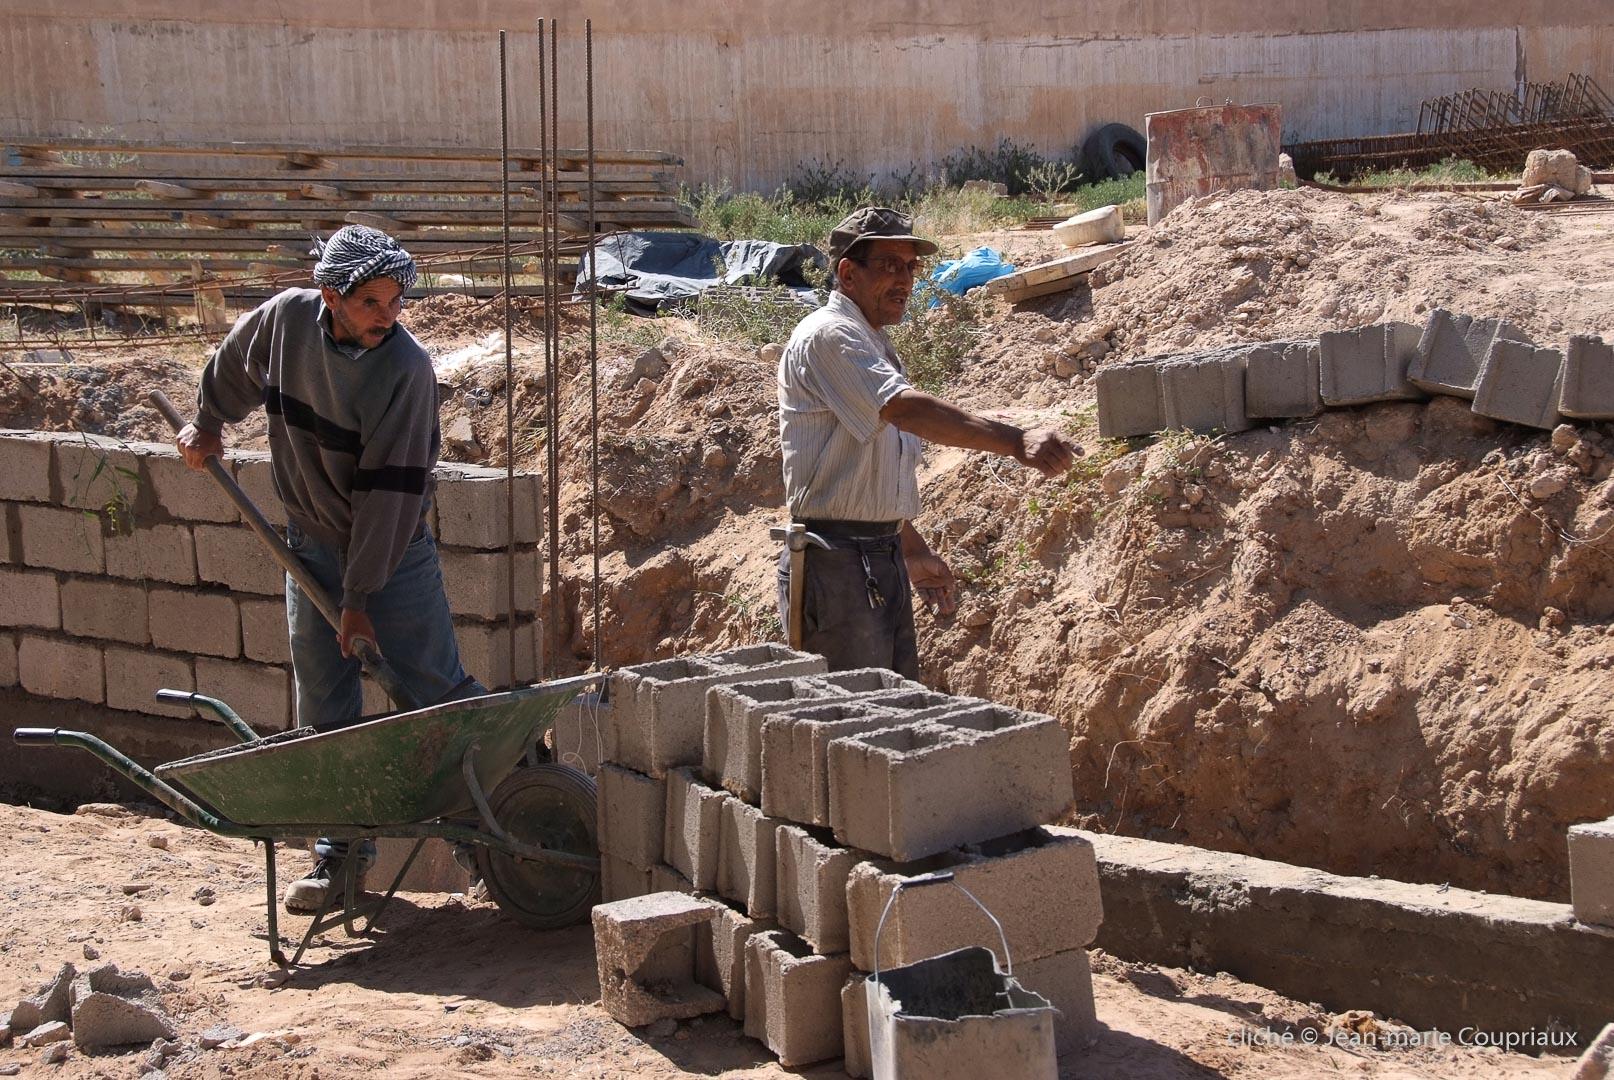 802-2011_Algerie-548